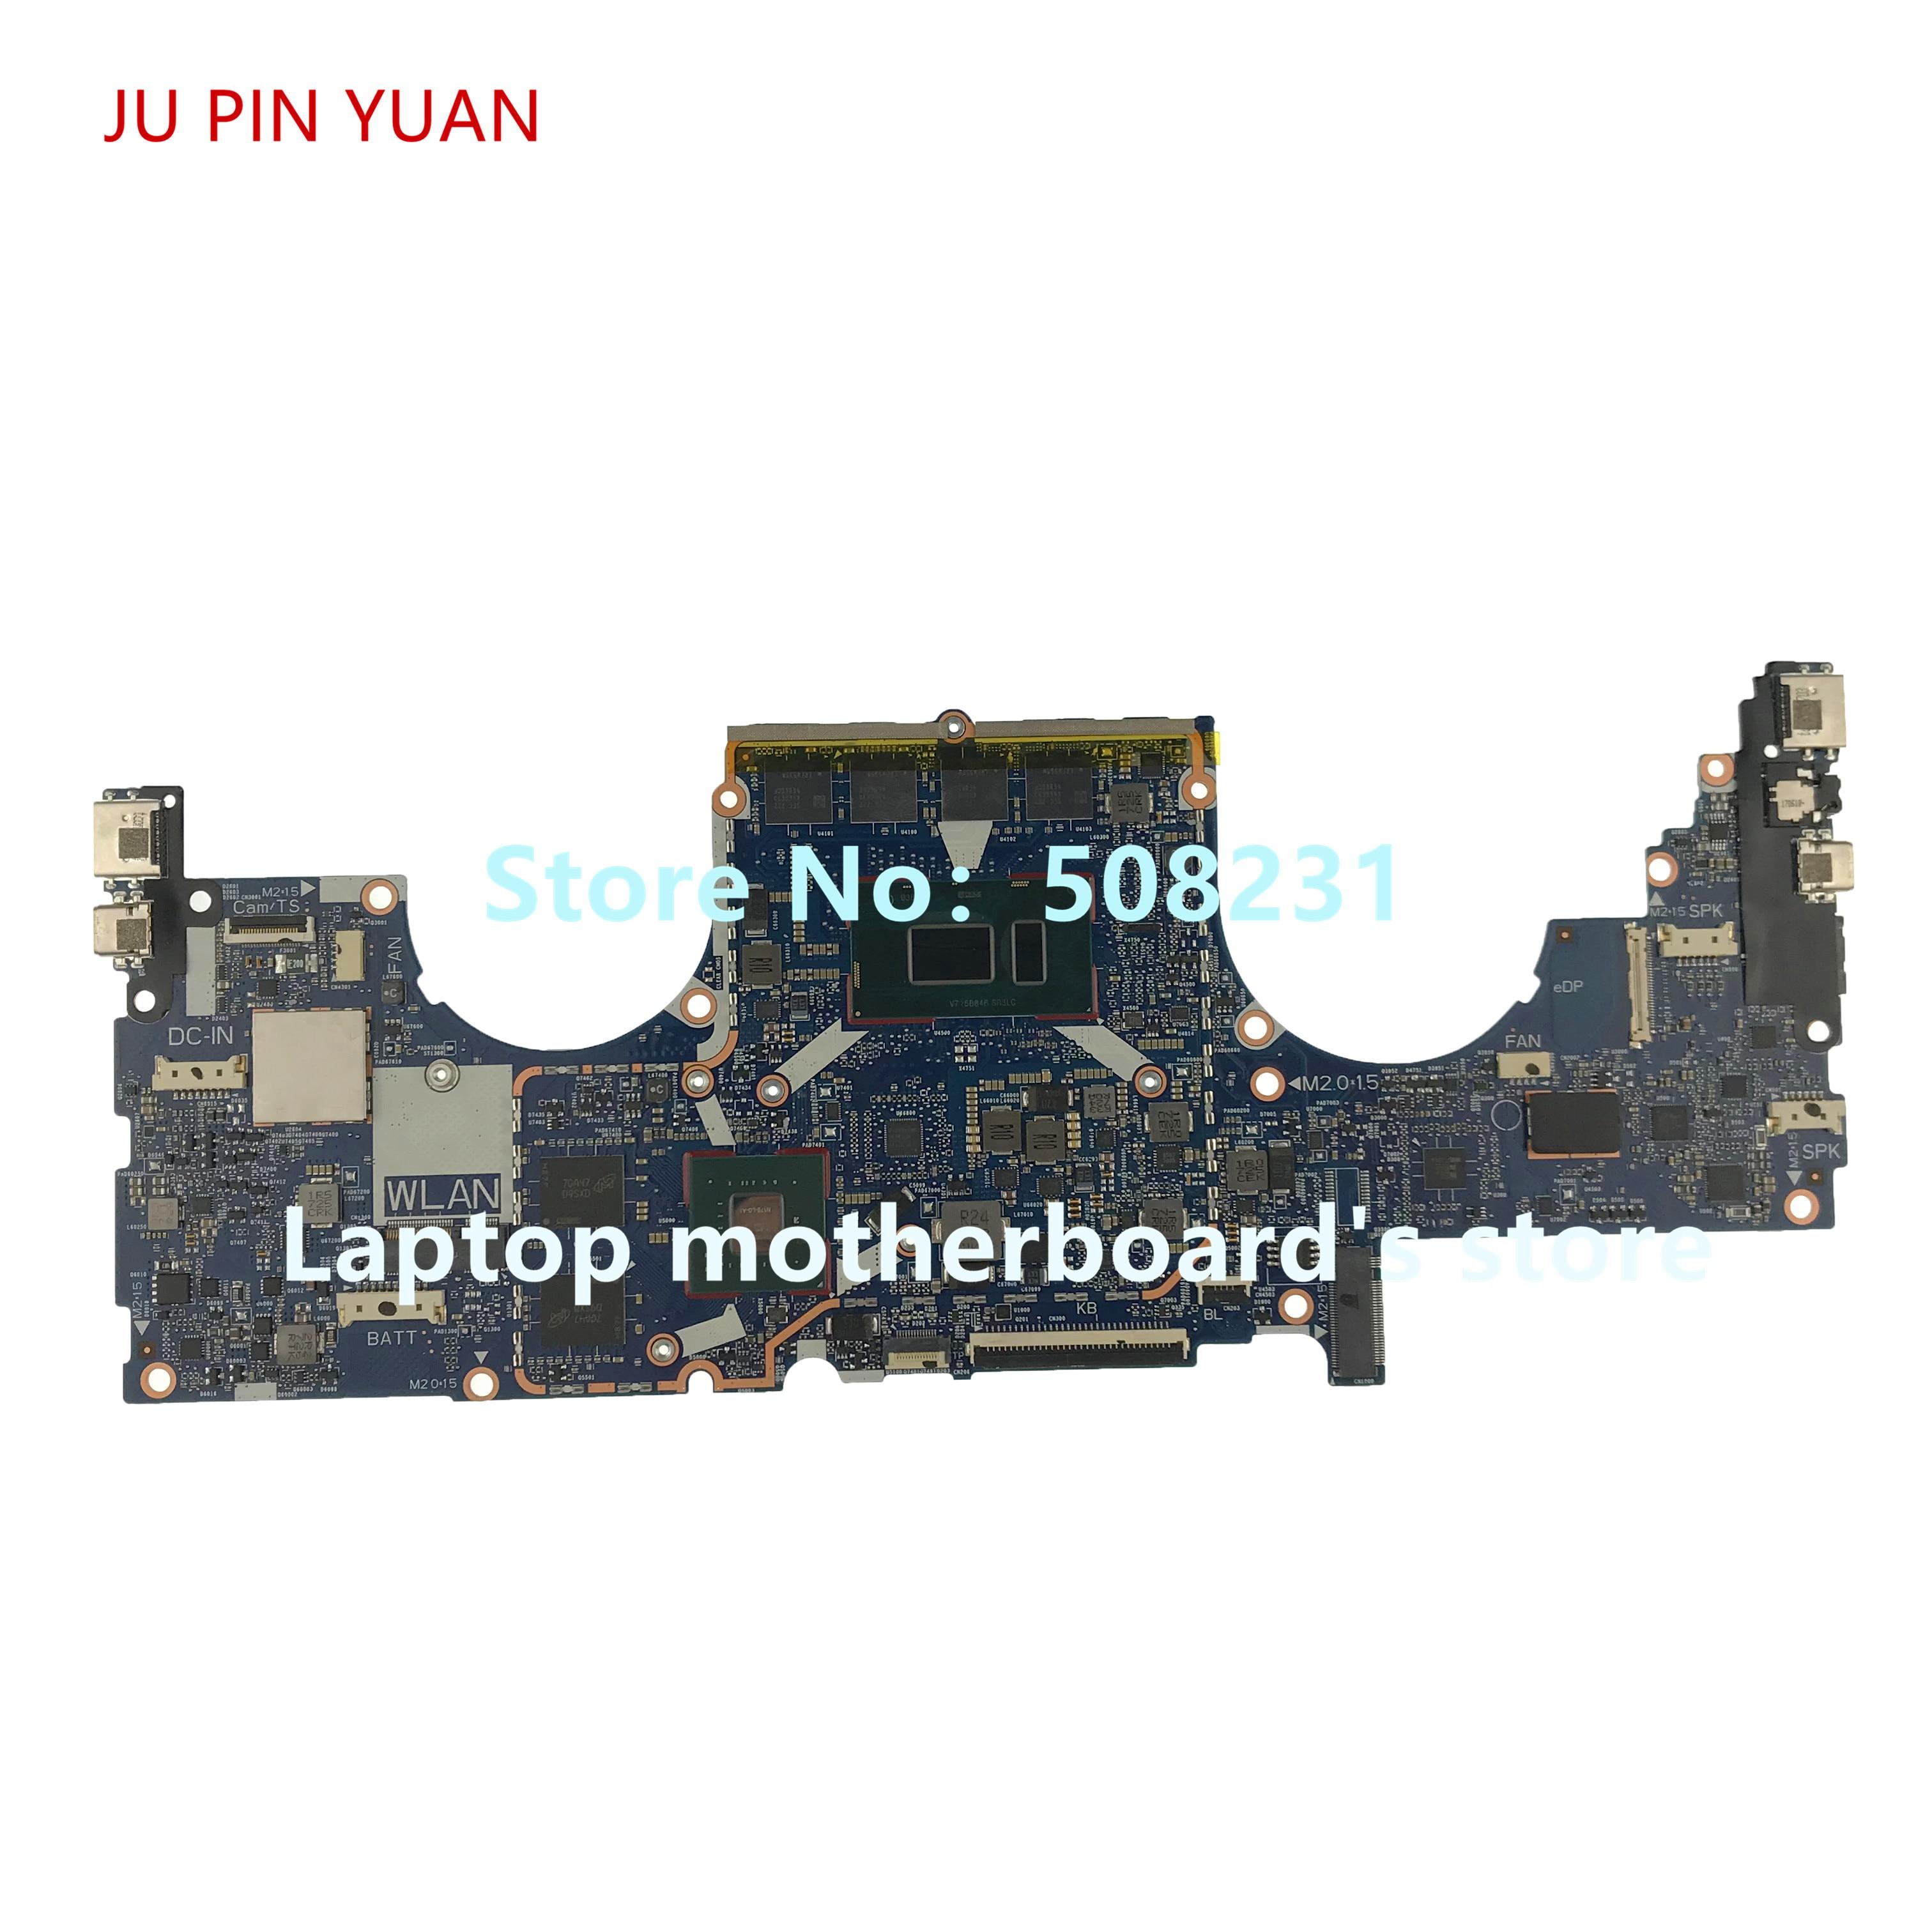 جو دبوس يوان 939651-601 TPN-I128 ل HP الحسد محمول 13-إعلان اللوحة المحمول MX150 2GB i7-8550U 8G اختبار بالكامل